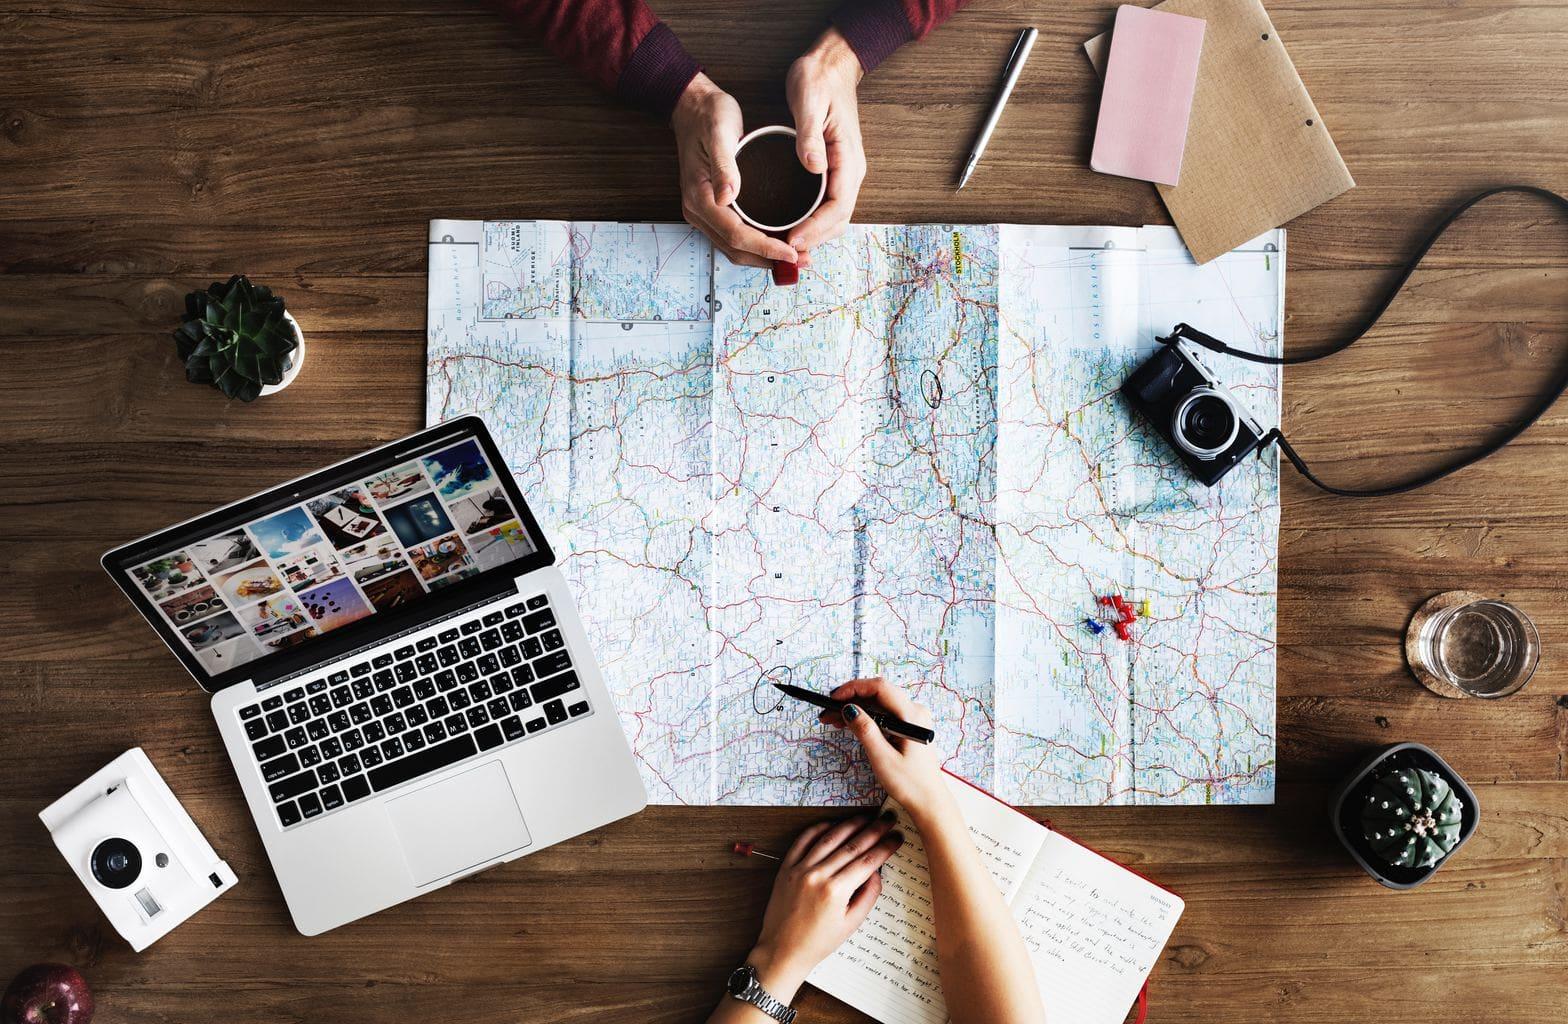 Fotografía de un mapa con ordenador y accesorios